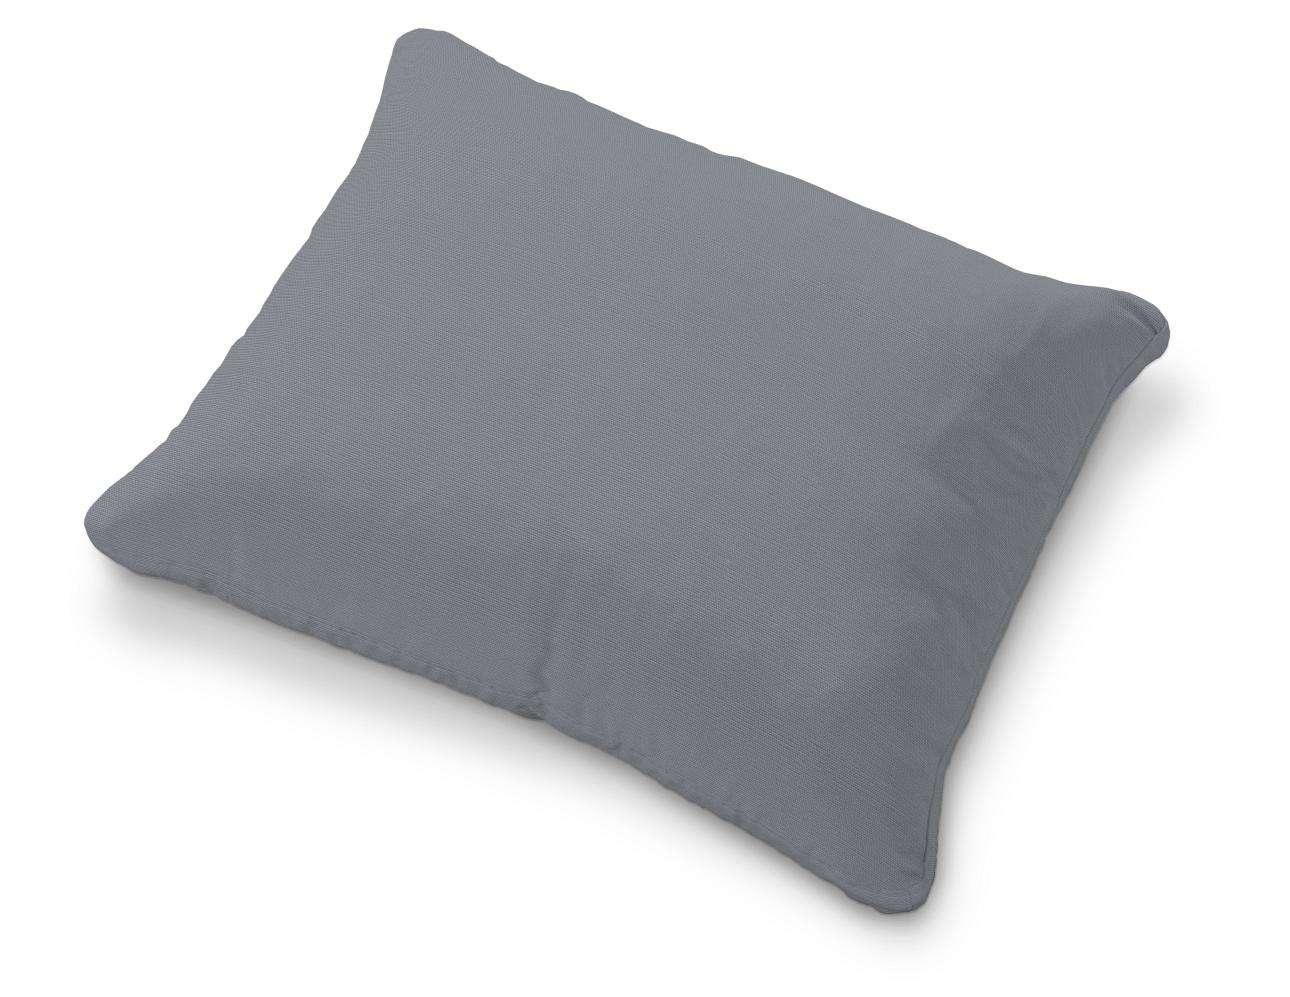 Karlstad pagalvėlės užvalkalas(58 cm x 48 cm) Karlstad pagavėlės užvalkalas 58x48cm kolekcijoje Cotton Panama, audinys: 702-07